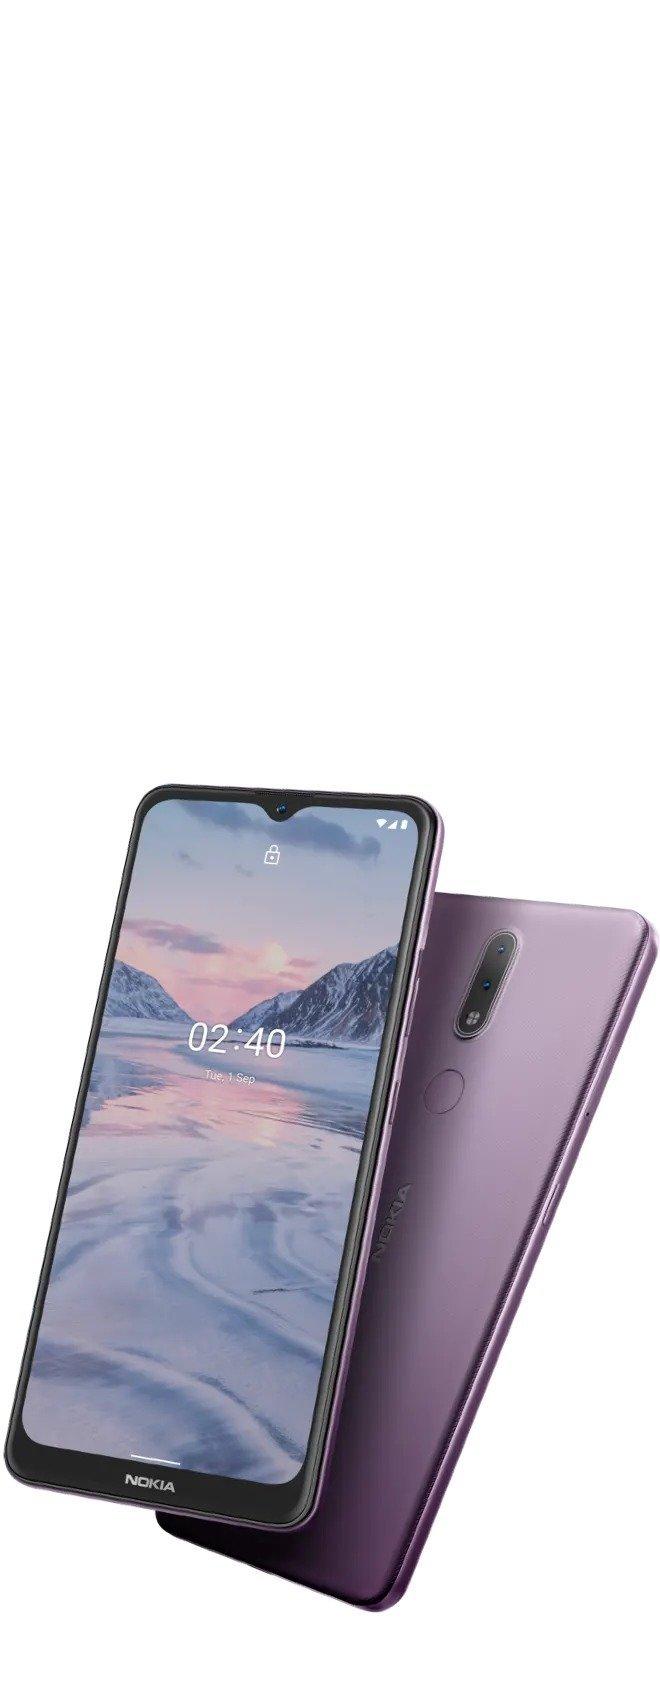 Nokia 2 4 Price Specs And Best Deals